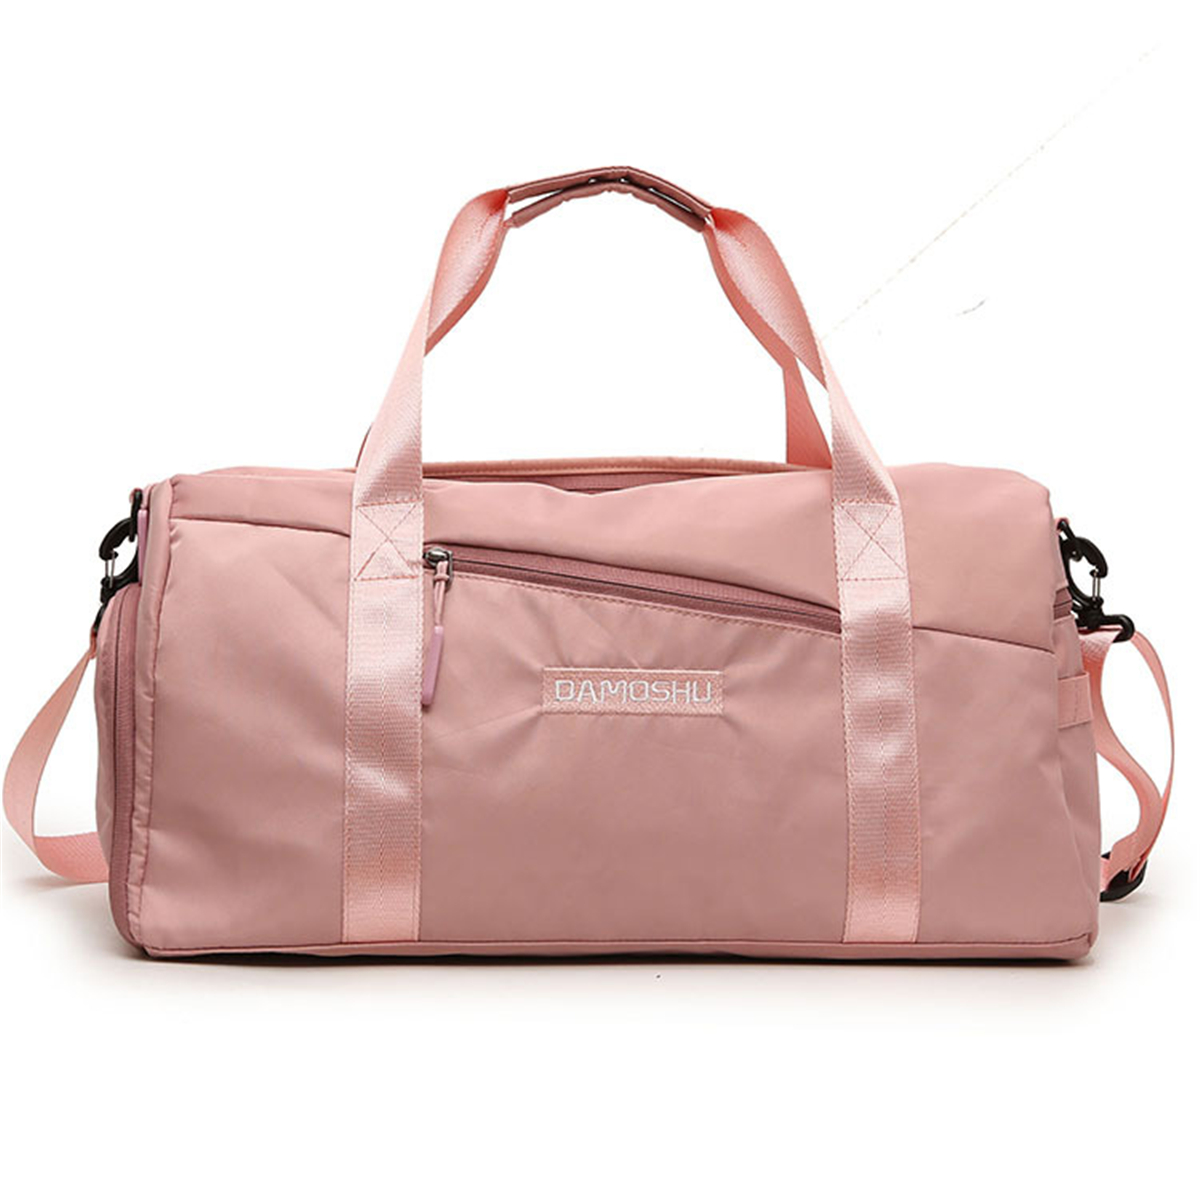 Wet Dry Separation Shoes Bag Waterproof Gym Bag Sport Fitness Yoga Luggage Handbag Travel Shoulder Bag